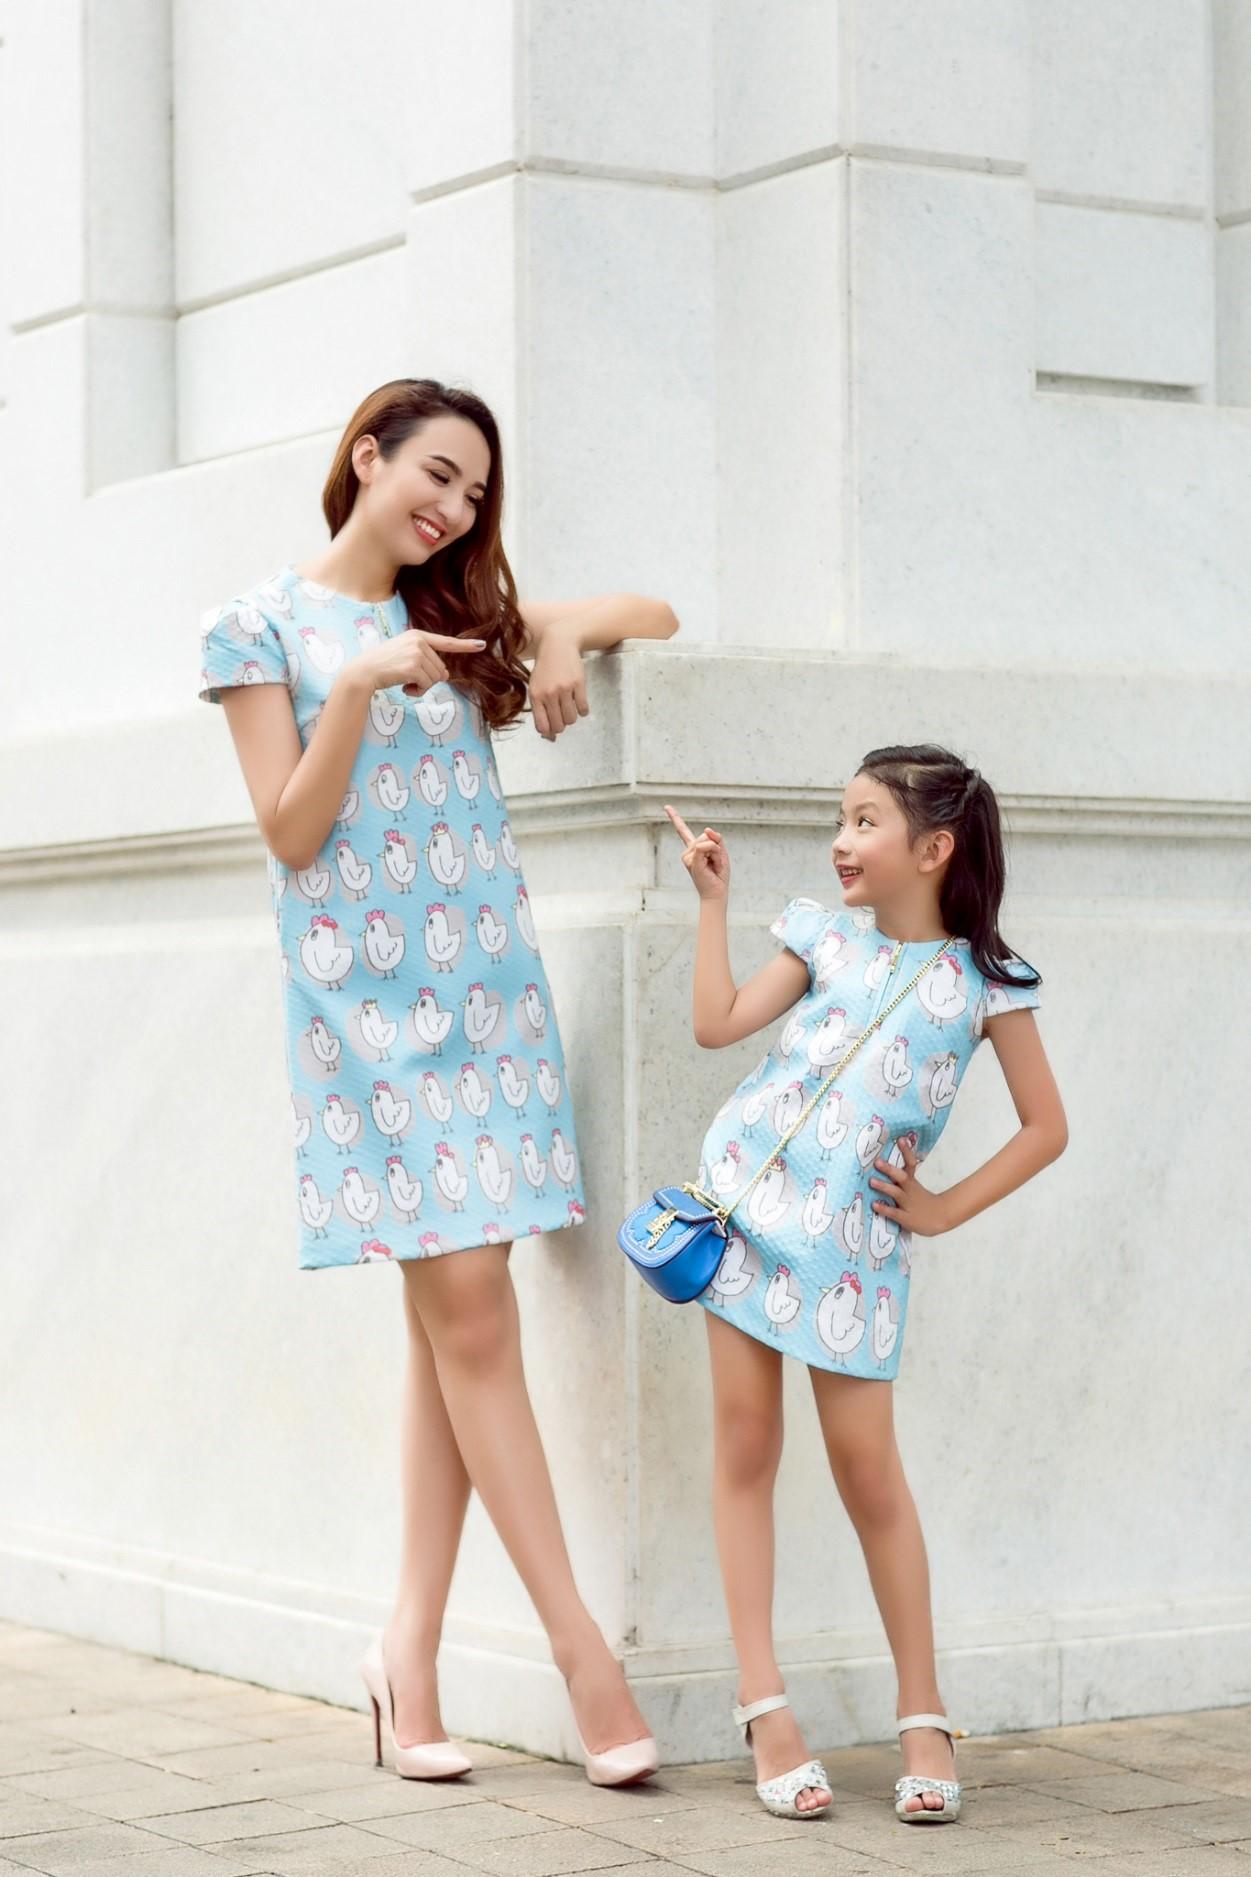 Cùng Vy Oanh, Linh Nga, Trương Quỳnh Anh và Ngọc Diễm mang nụ cười đến trẻ em Việt Nam - Ảnh 6.